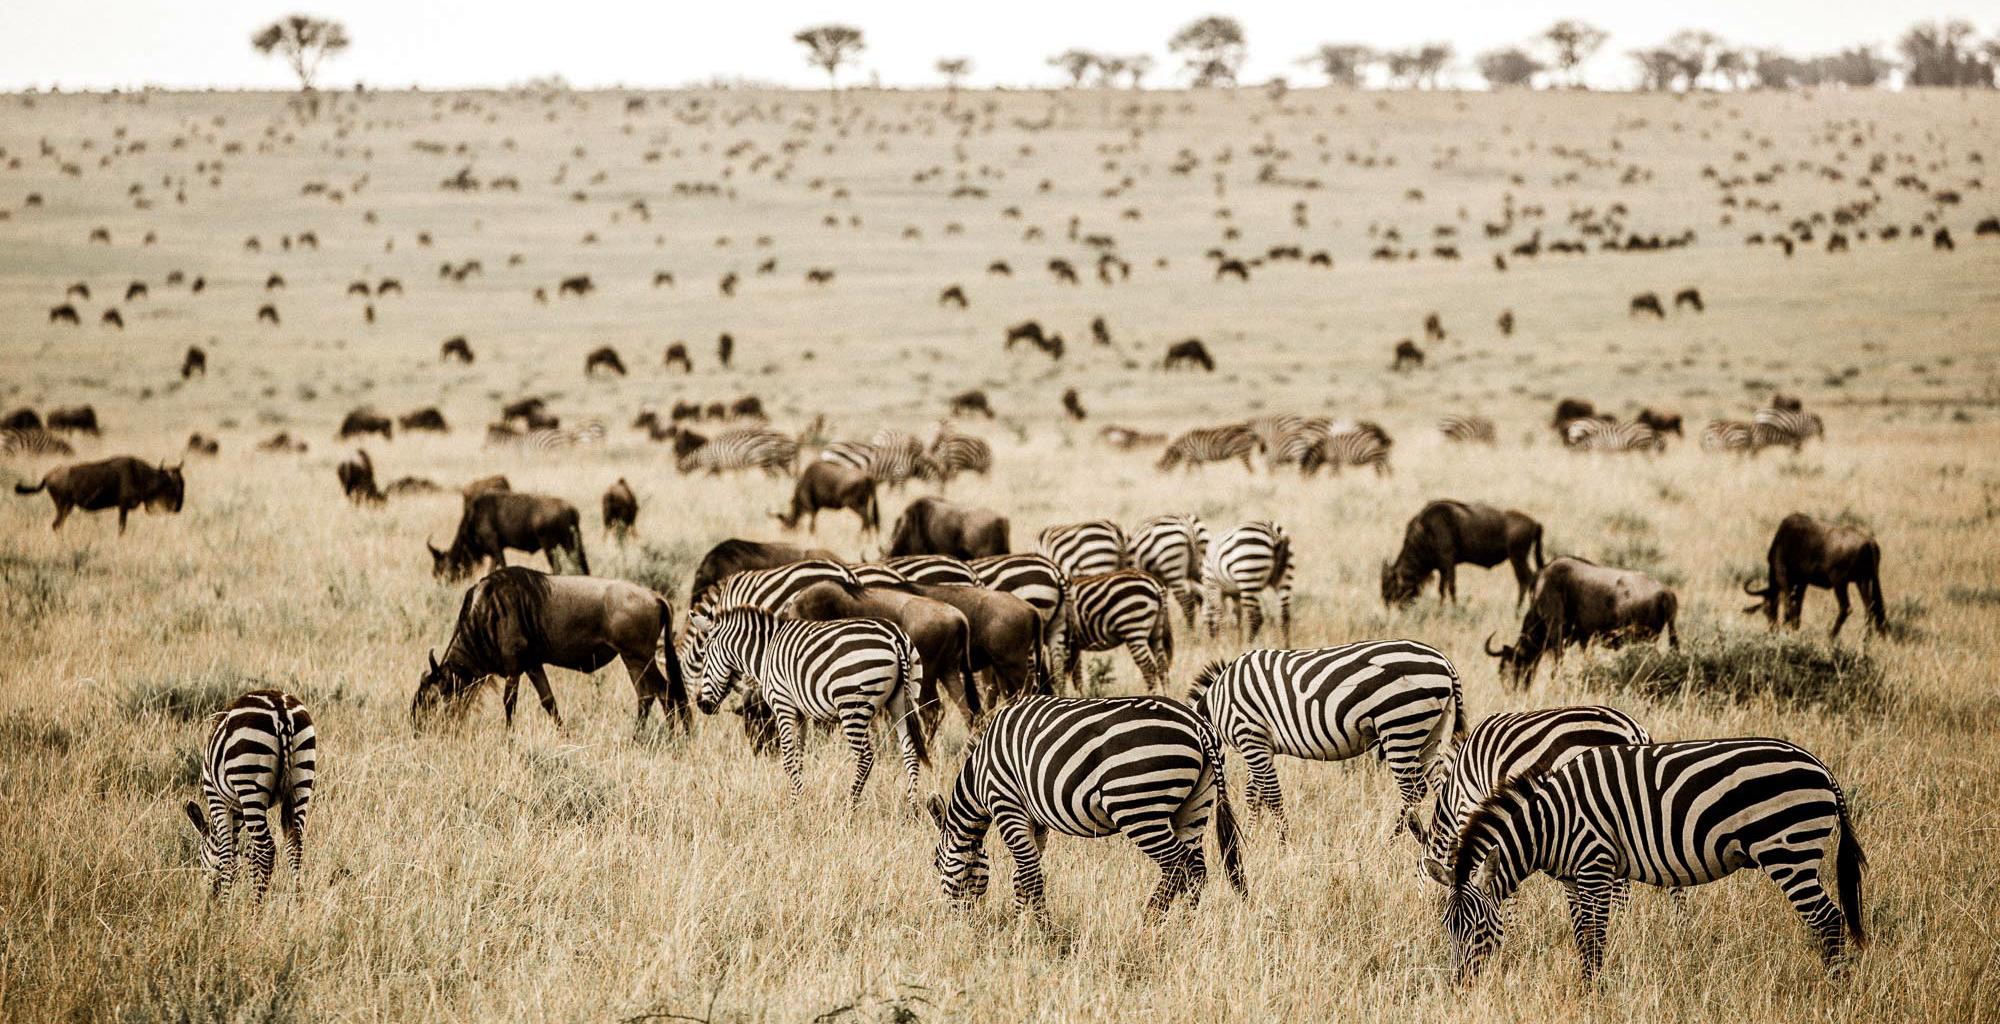 Tanzania-Wildlife-Zebra